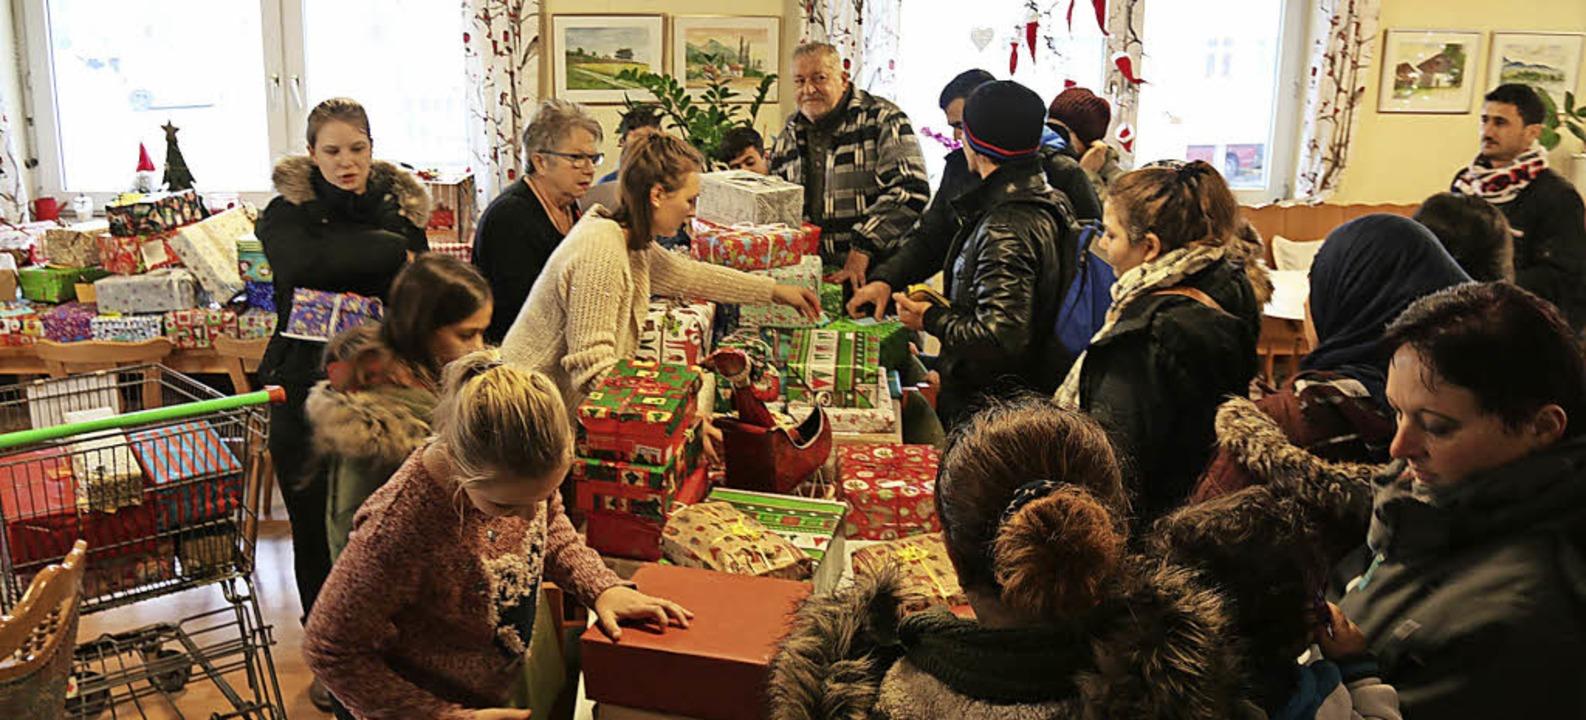 Groß war der Andrang, als die Schüleri...ten Päckchen in den Tafel-Laden kamen.  | Foto: Katharina Bartsch